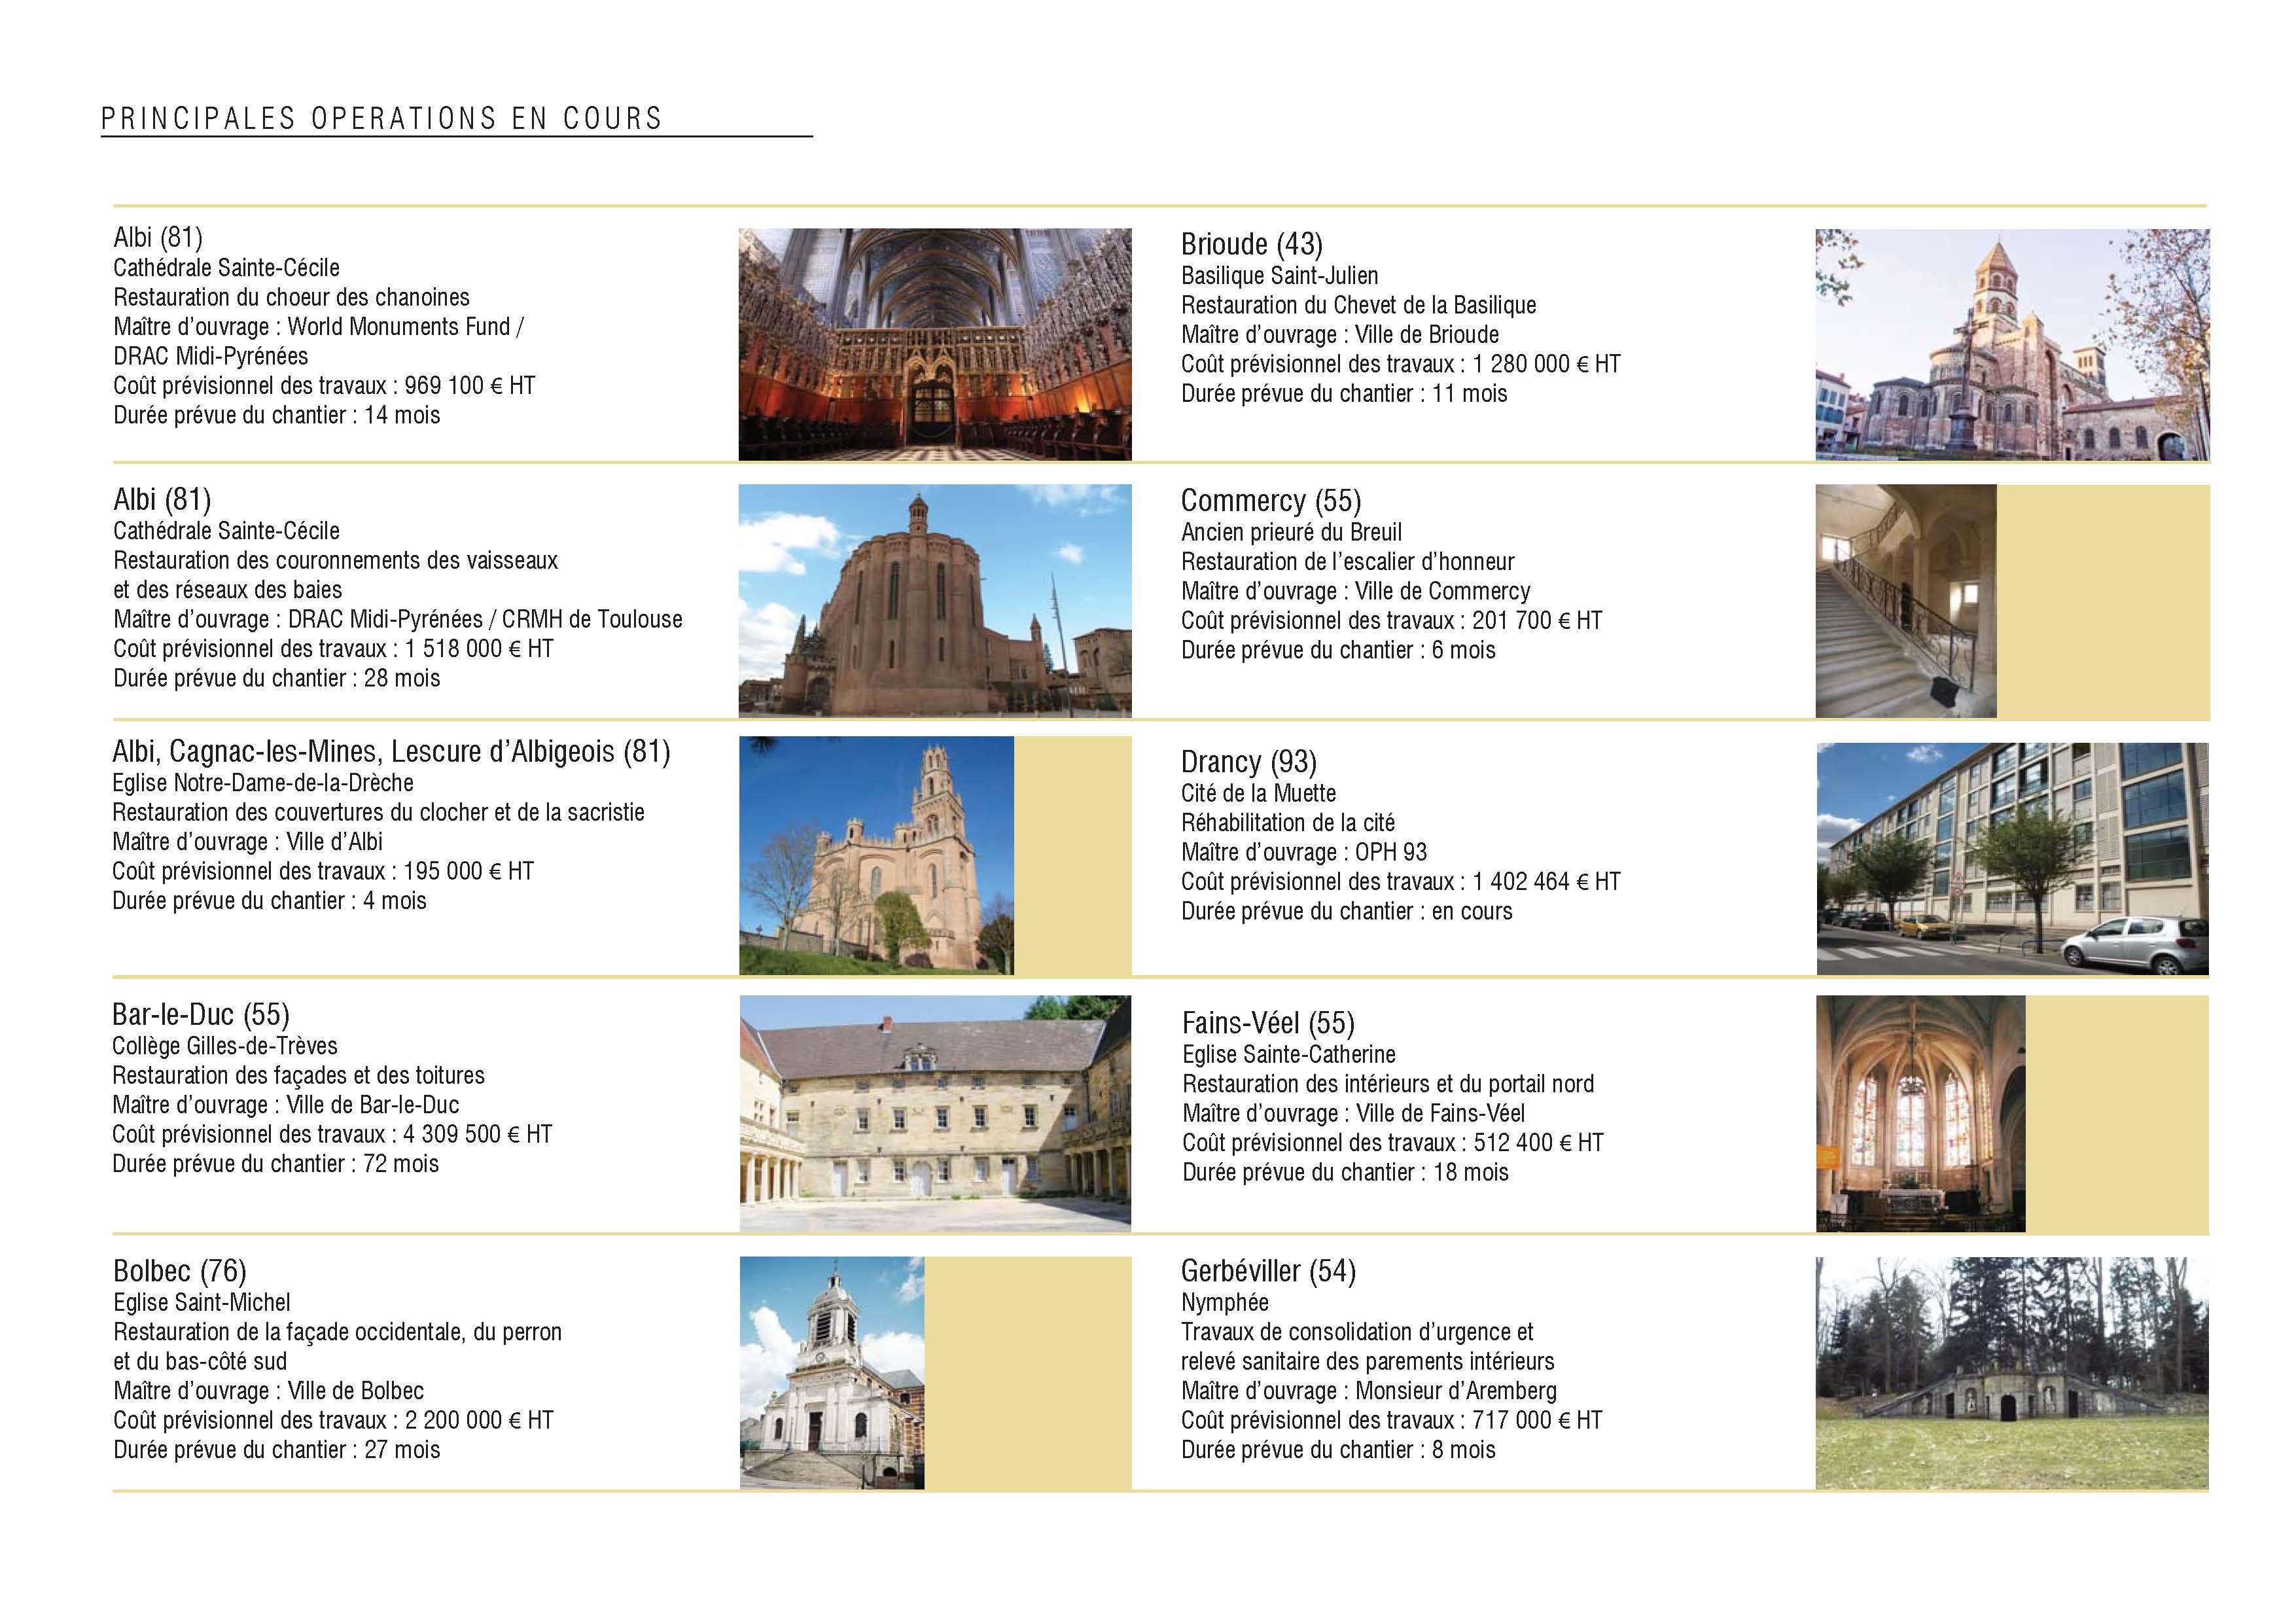 Ressources archives agence pierre yves caillault acmh for Architecte en chef des monuments historiques